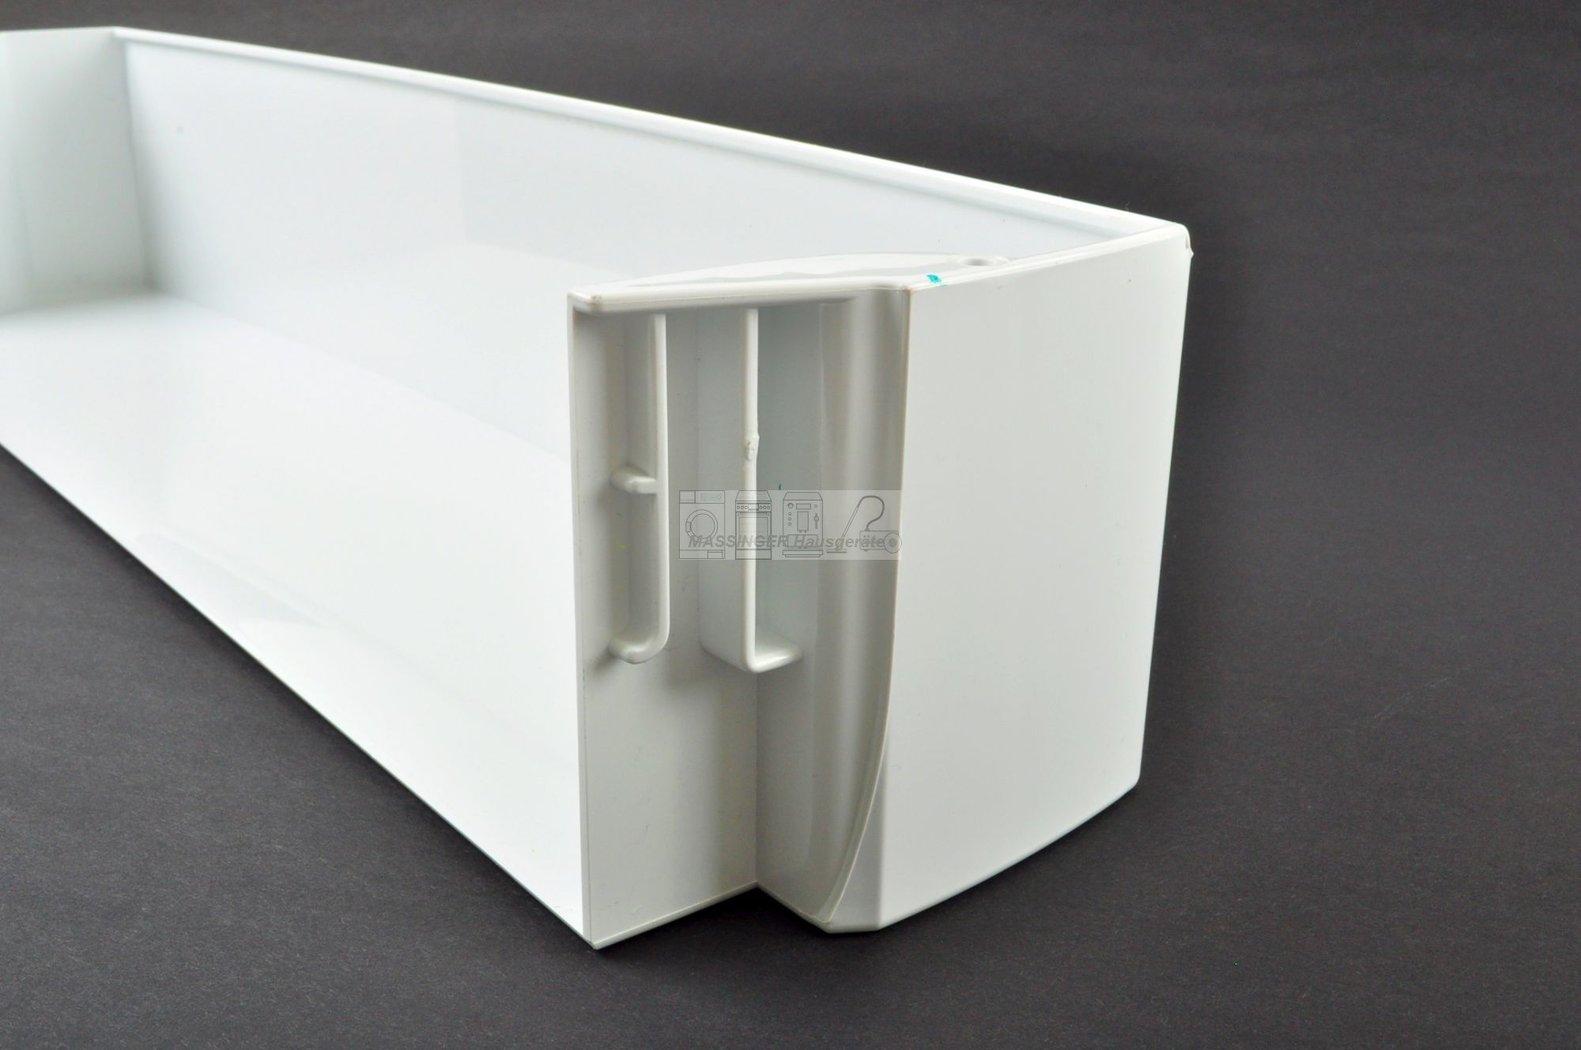 Kühlschrank Ersatzteile : Aeg gefrierschrank ersatzteile kühlschrank aeg ersatzteile